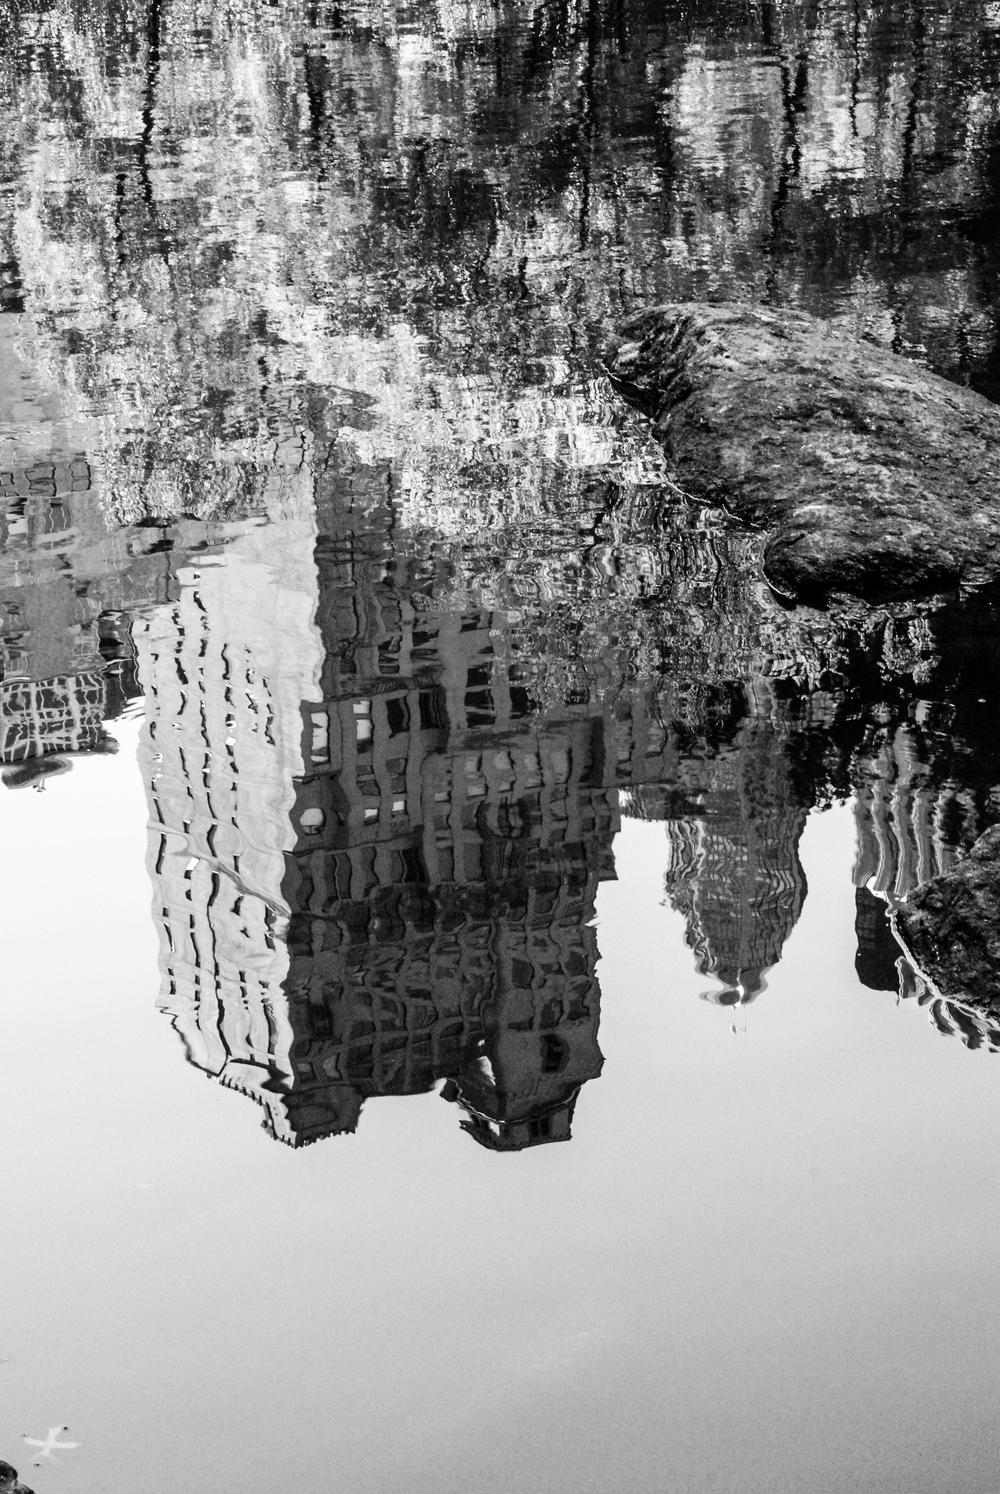 NYC_CityShots-0025.JPG